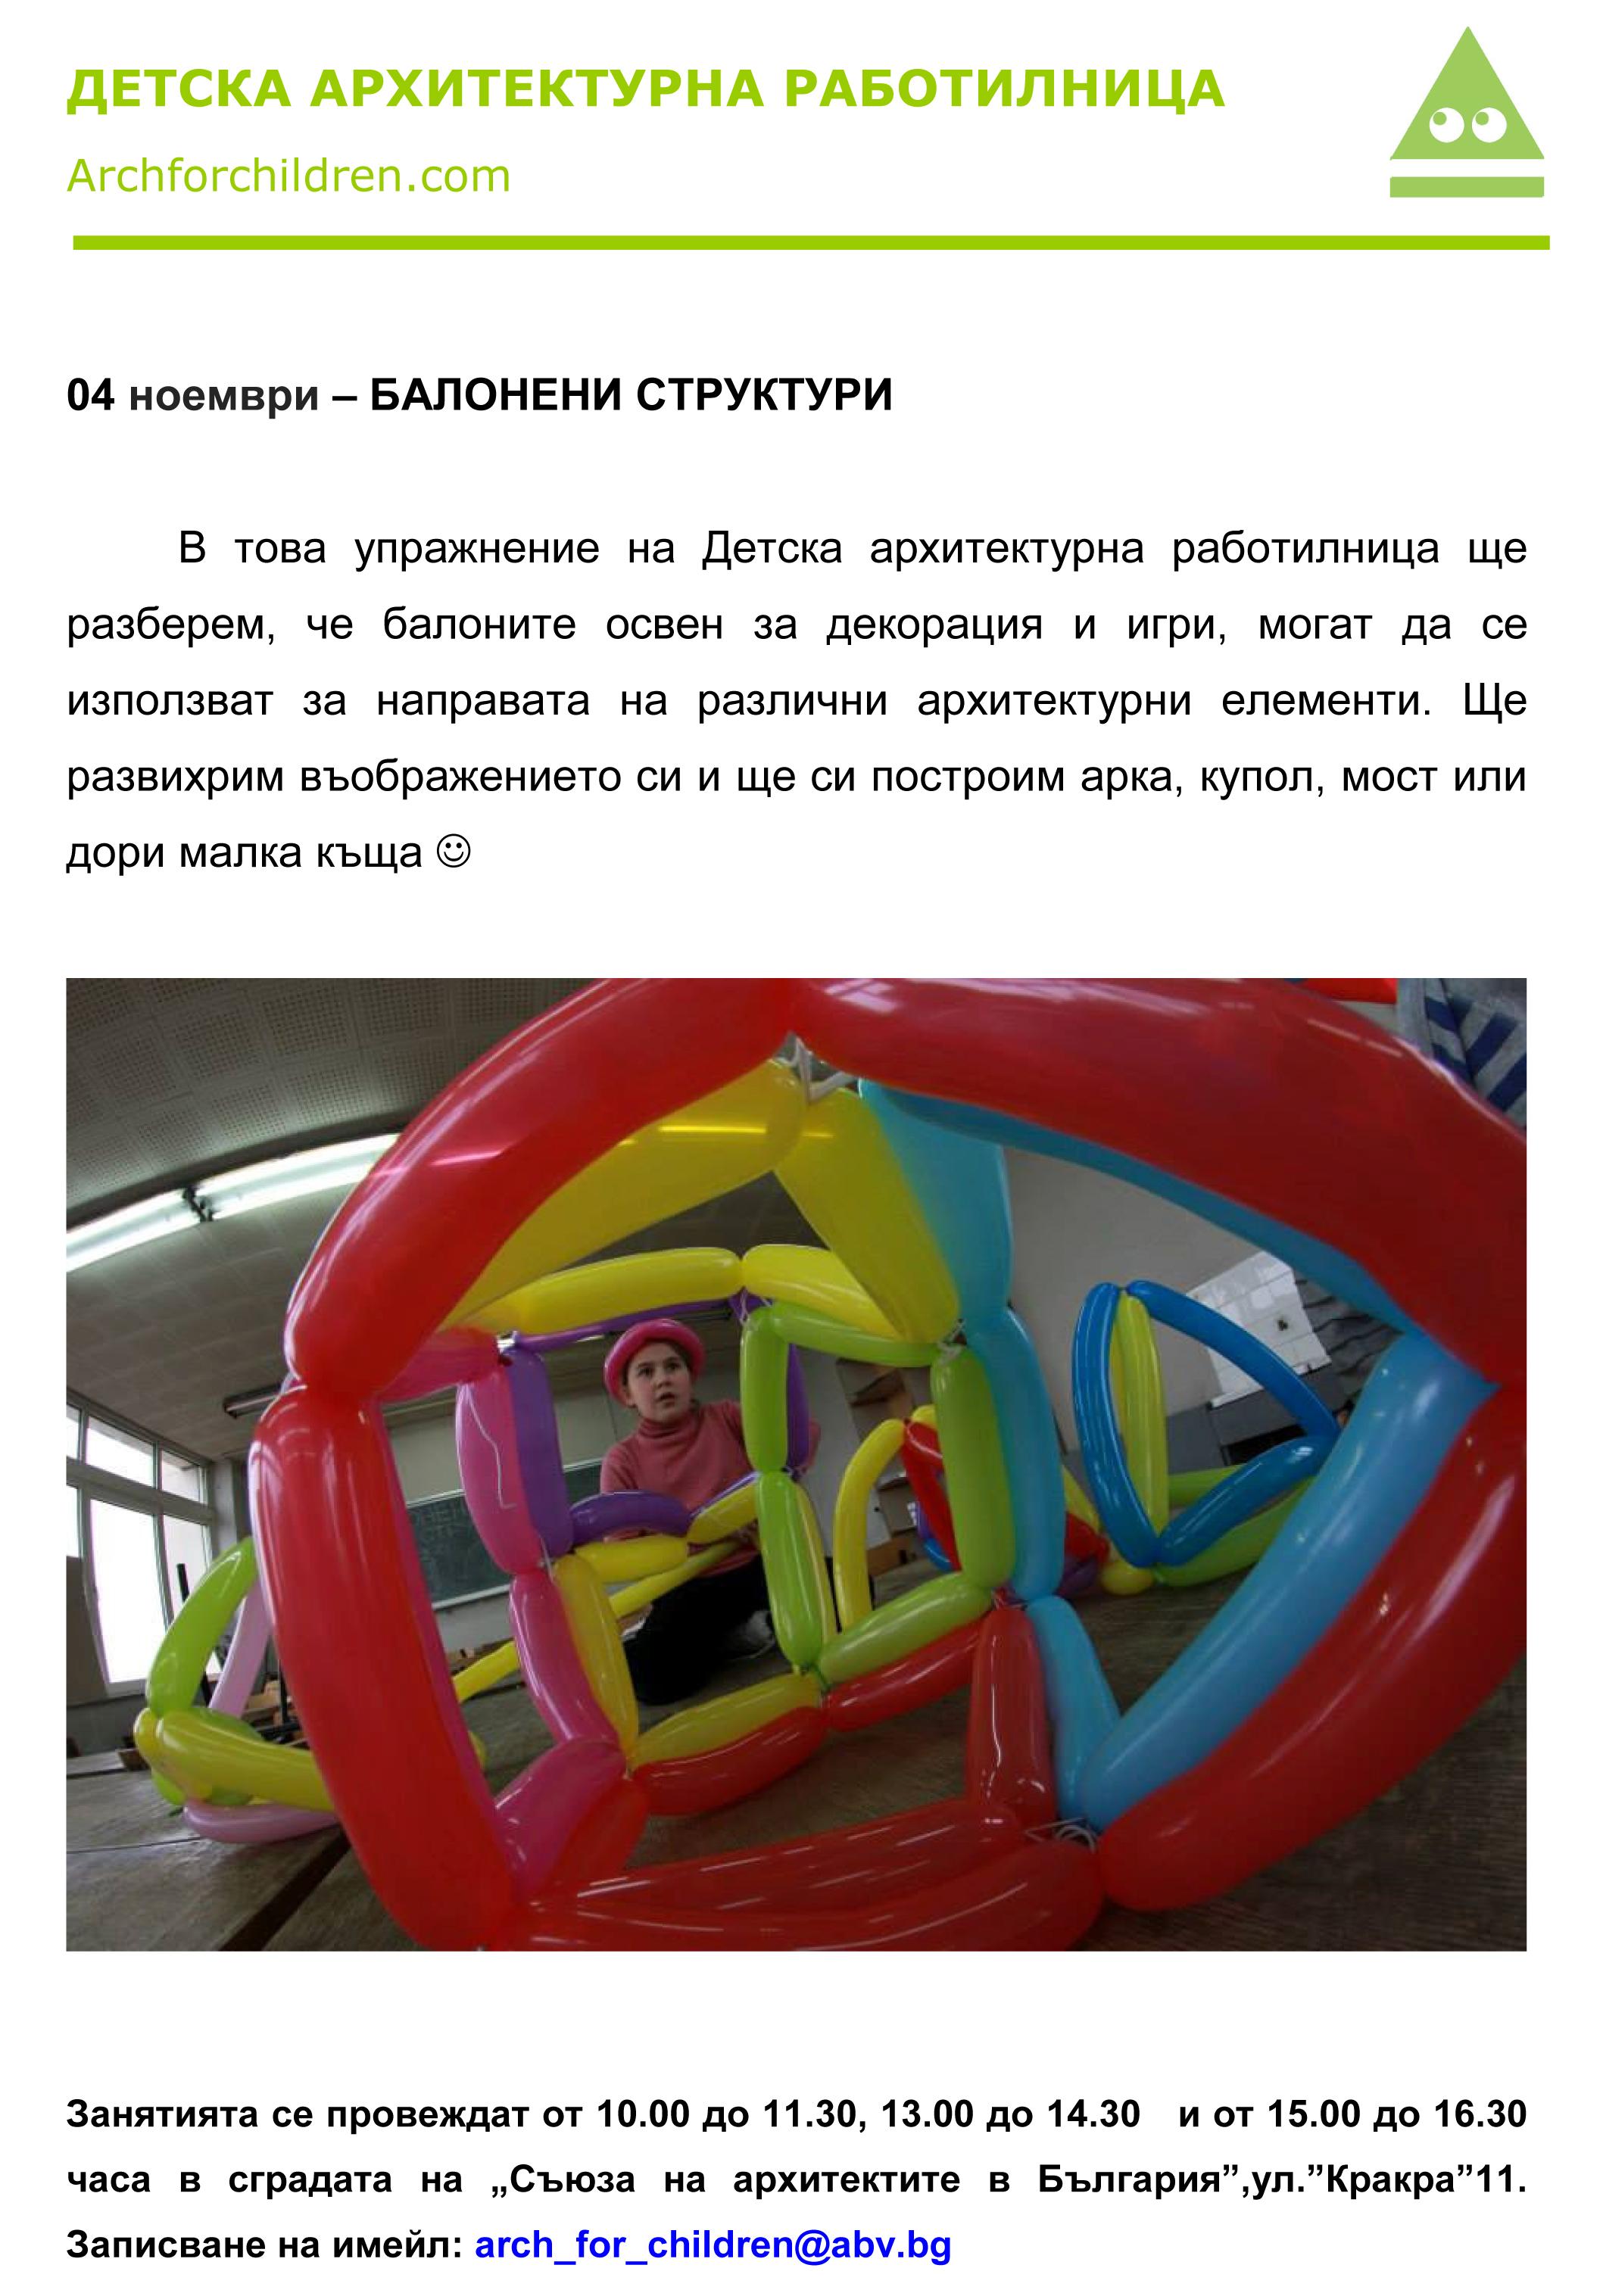 4 ноември 2017г. – БАЛОНЕНИ СТРУКТУРИ